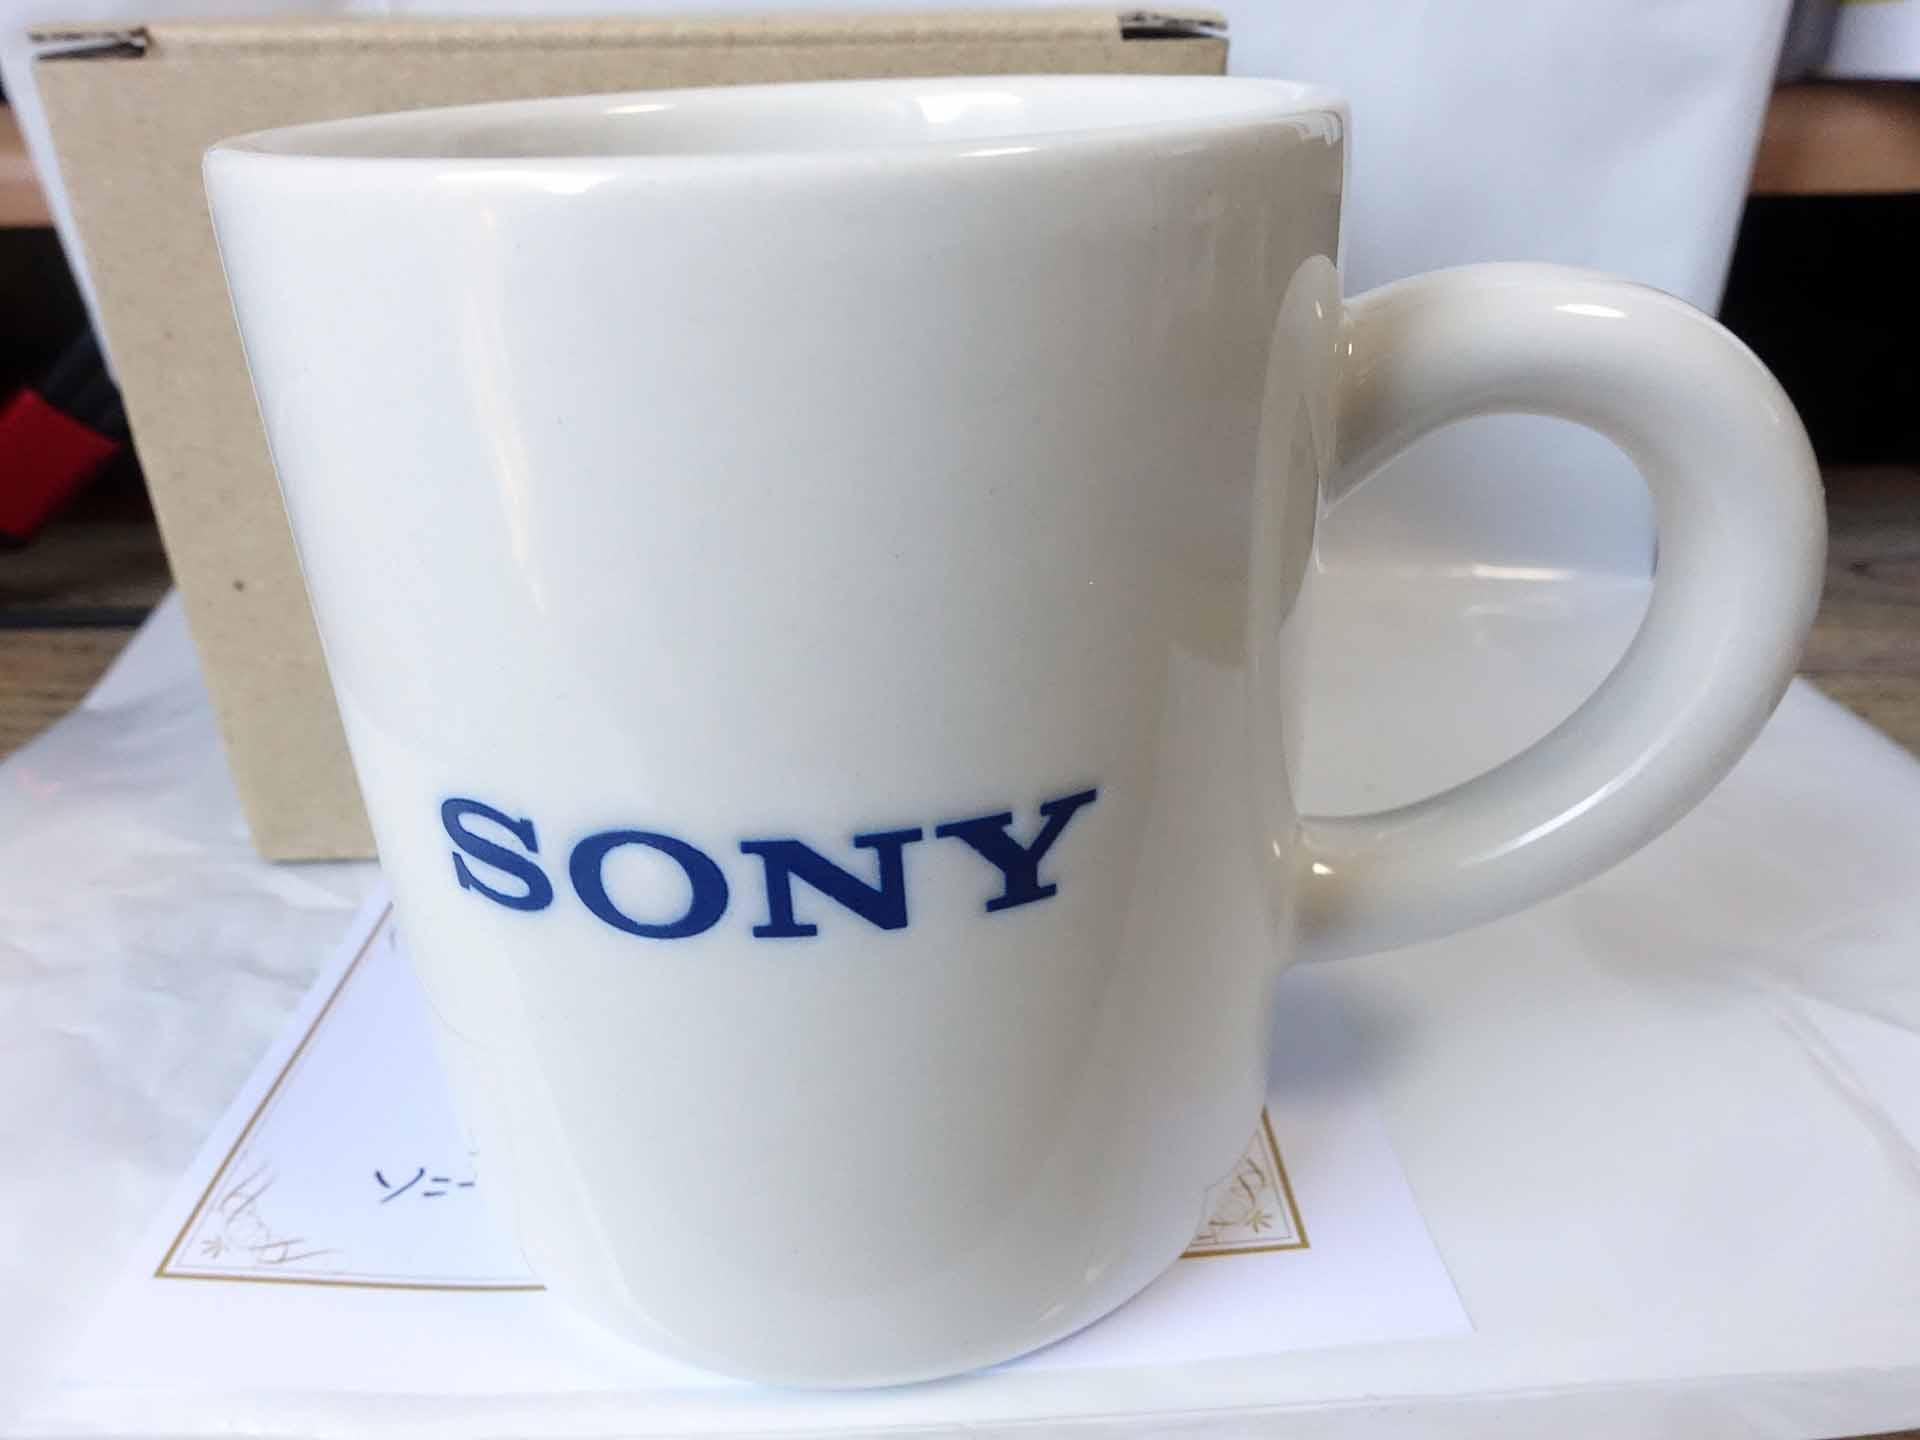 ソニーお誕生日マグカップ2021(SONY)